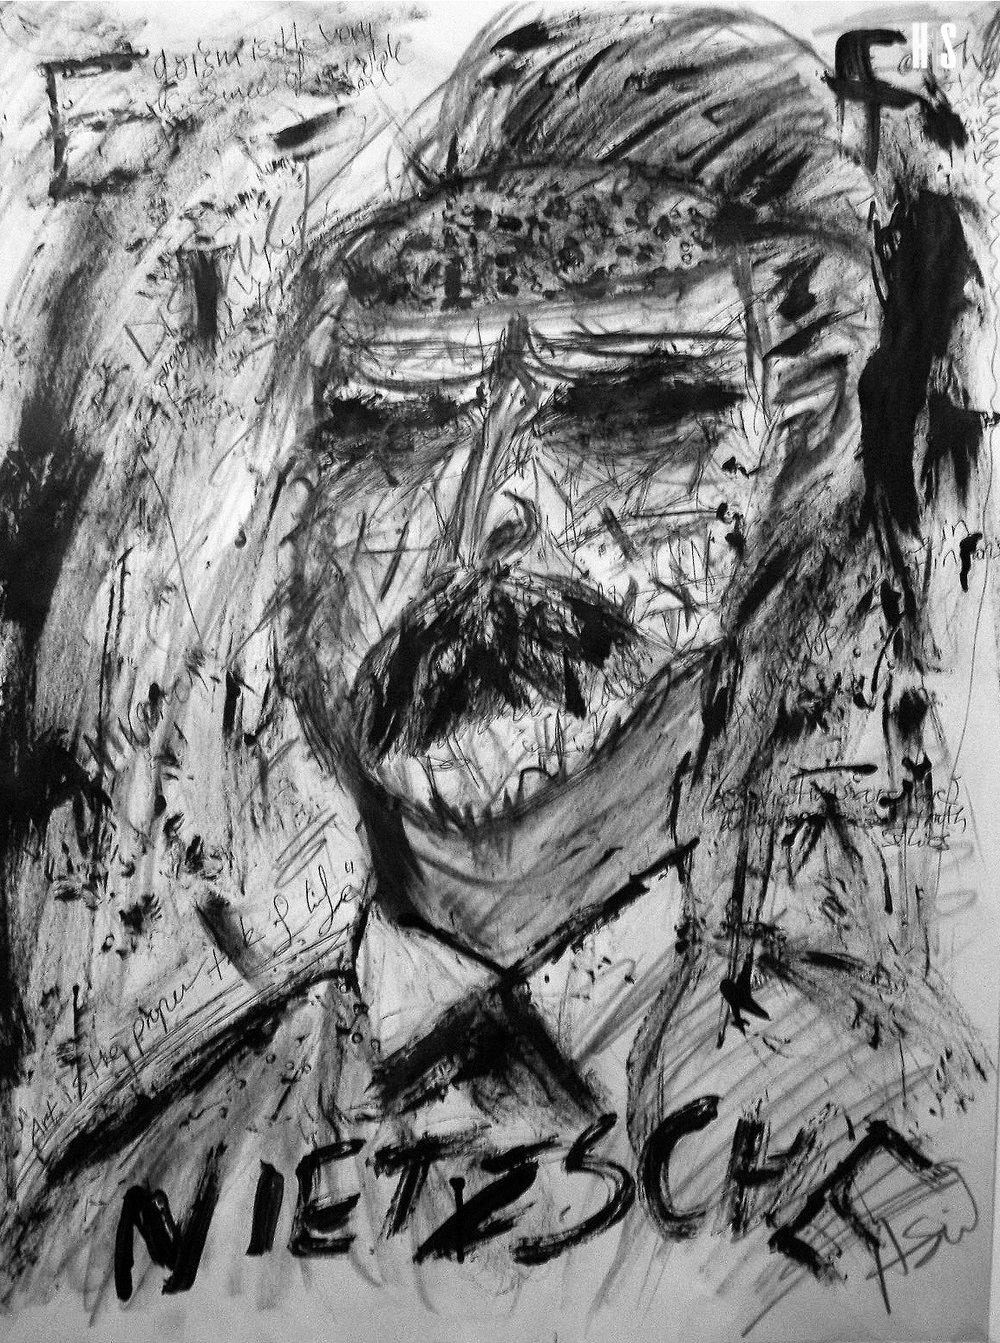 Nietzsche__by_anaelmasri.jpg